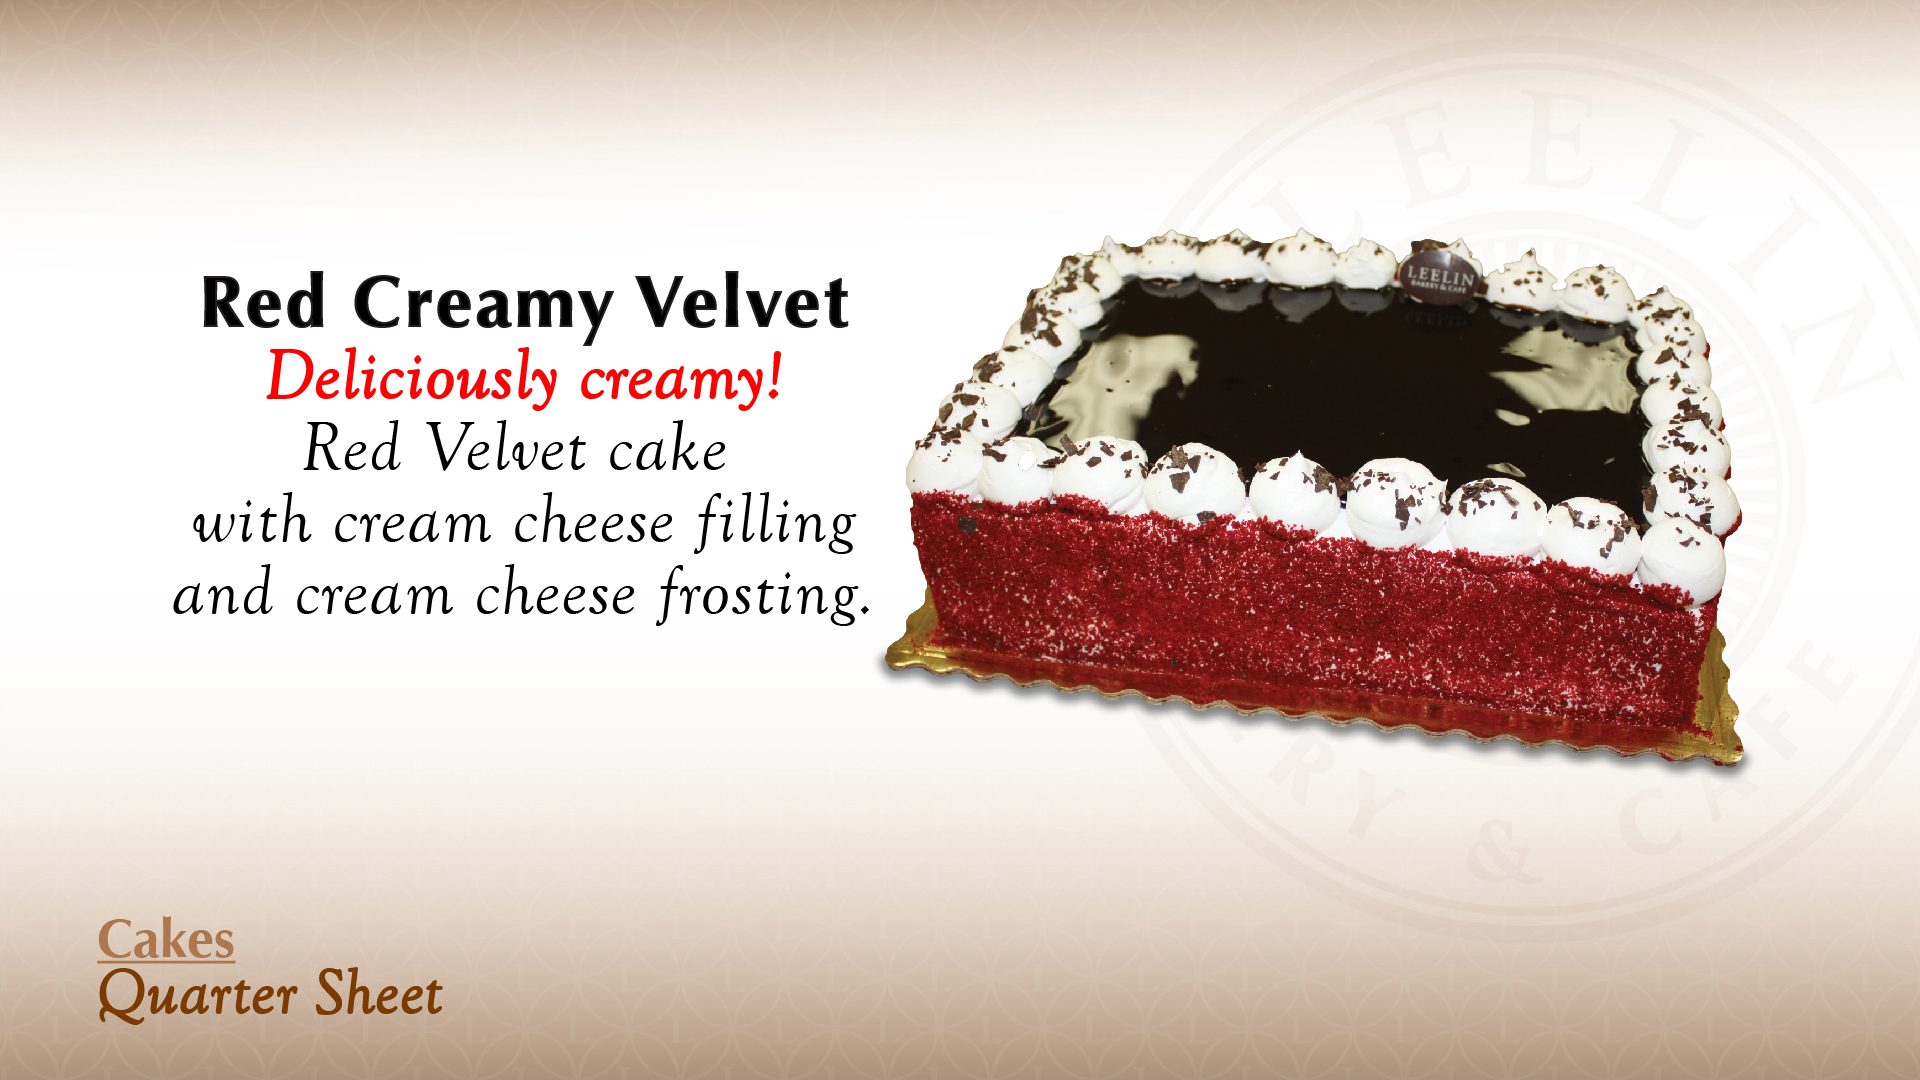 048 Red Creamy Velvet Quarter Sheet 1920x1080.jpg